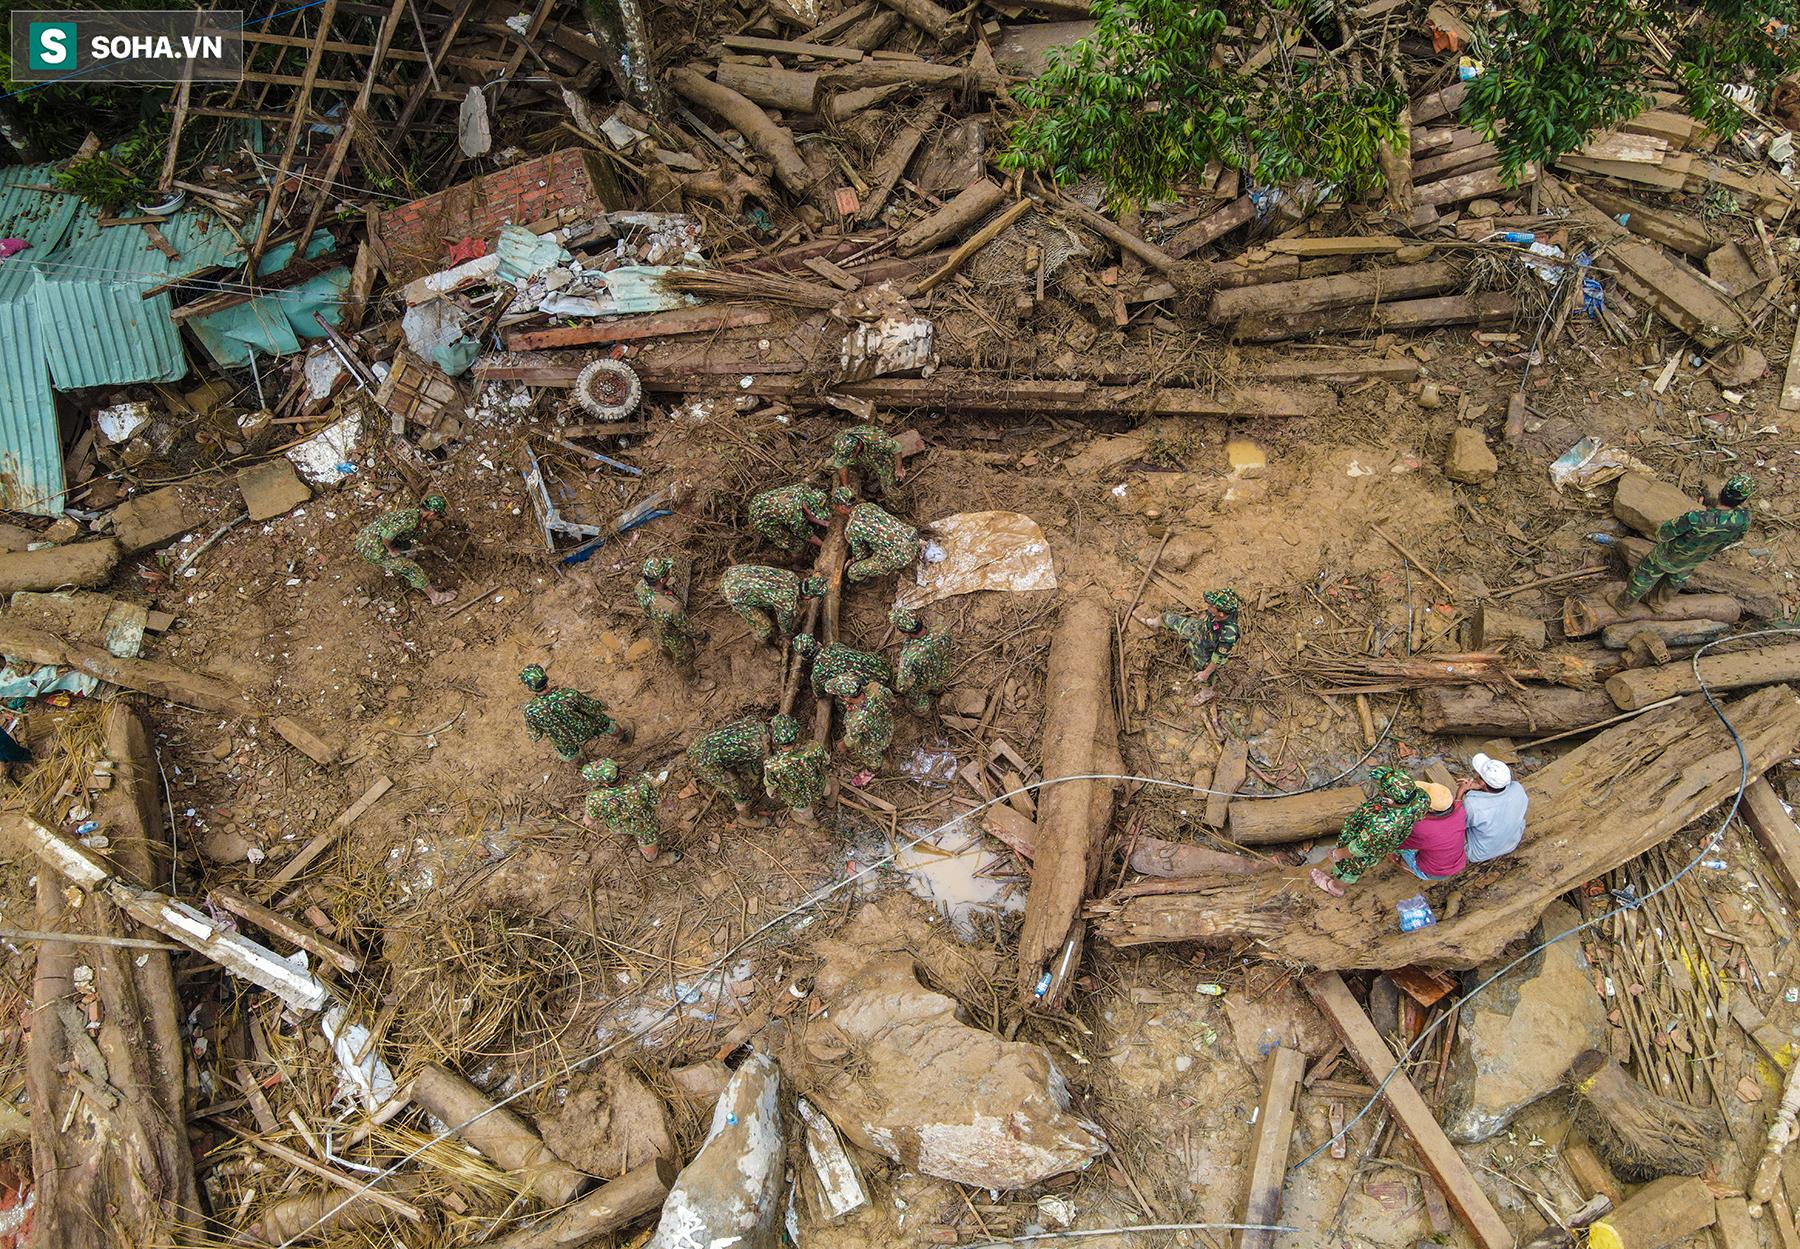 [Ảnh] Những thứ còn sót lại dưới đống hoang tàn ở vụ sạt lở Trà Leng sau 48 giờ tìm kiếm - Ảnh 15.